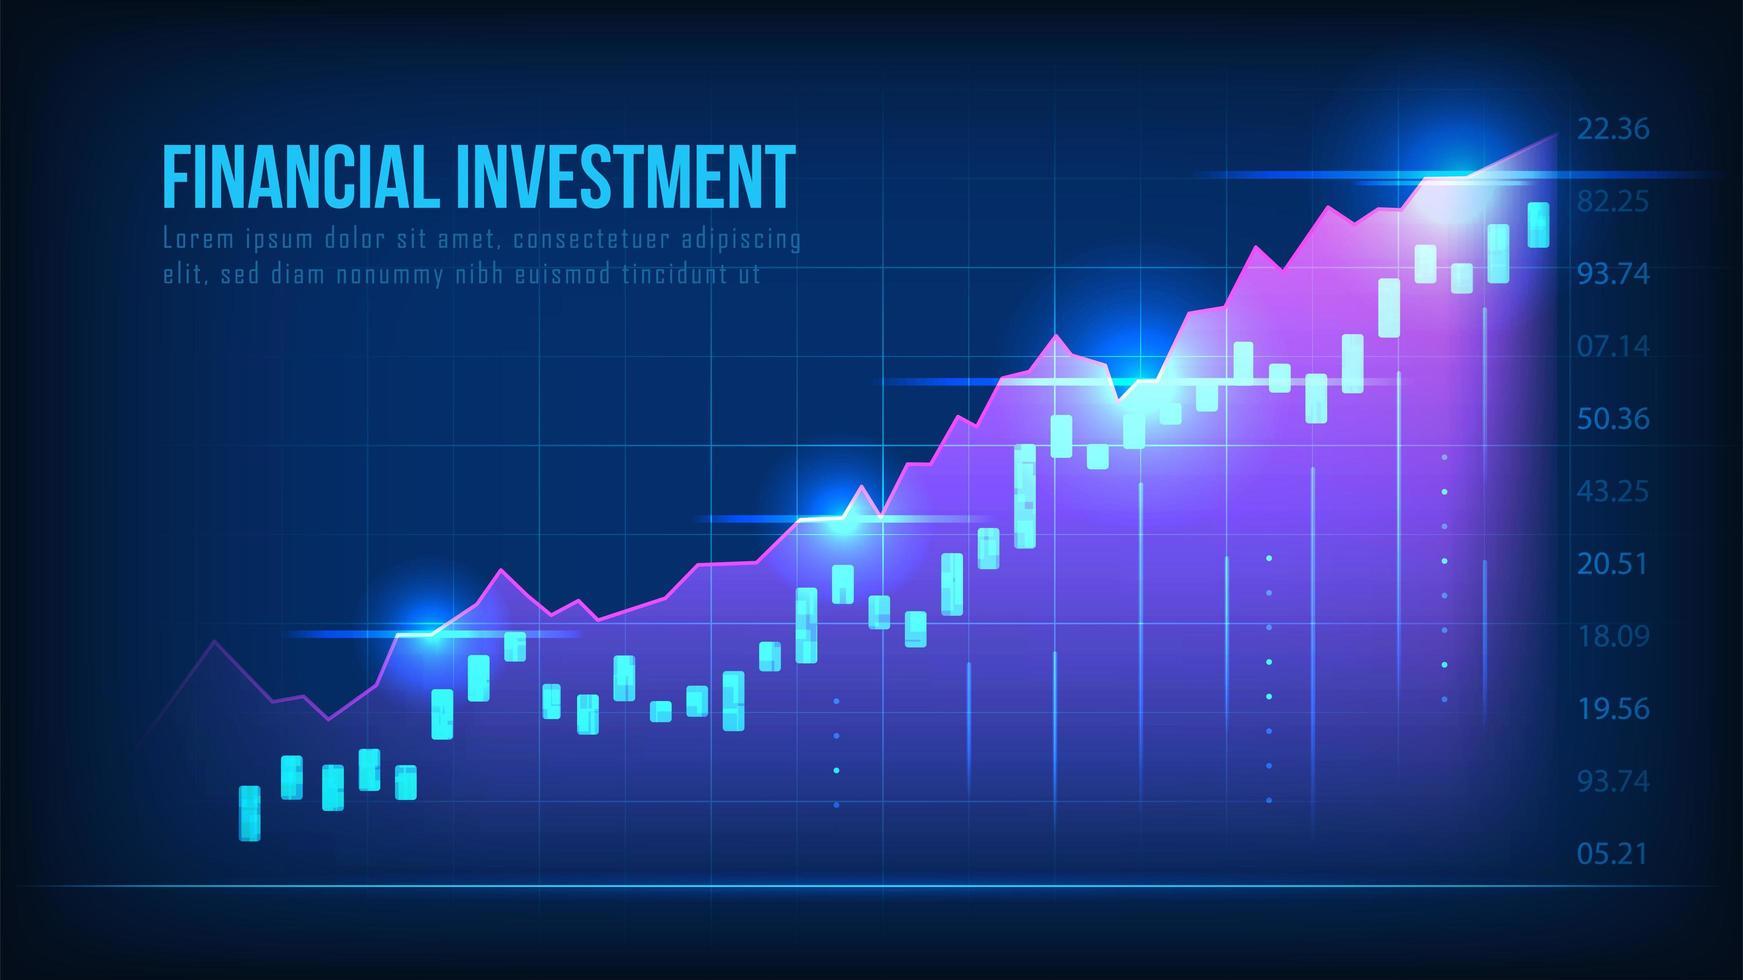 Börsenwachstumschart vektor